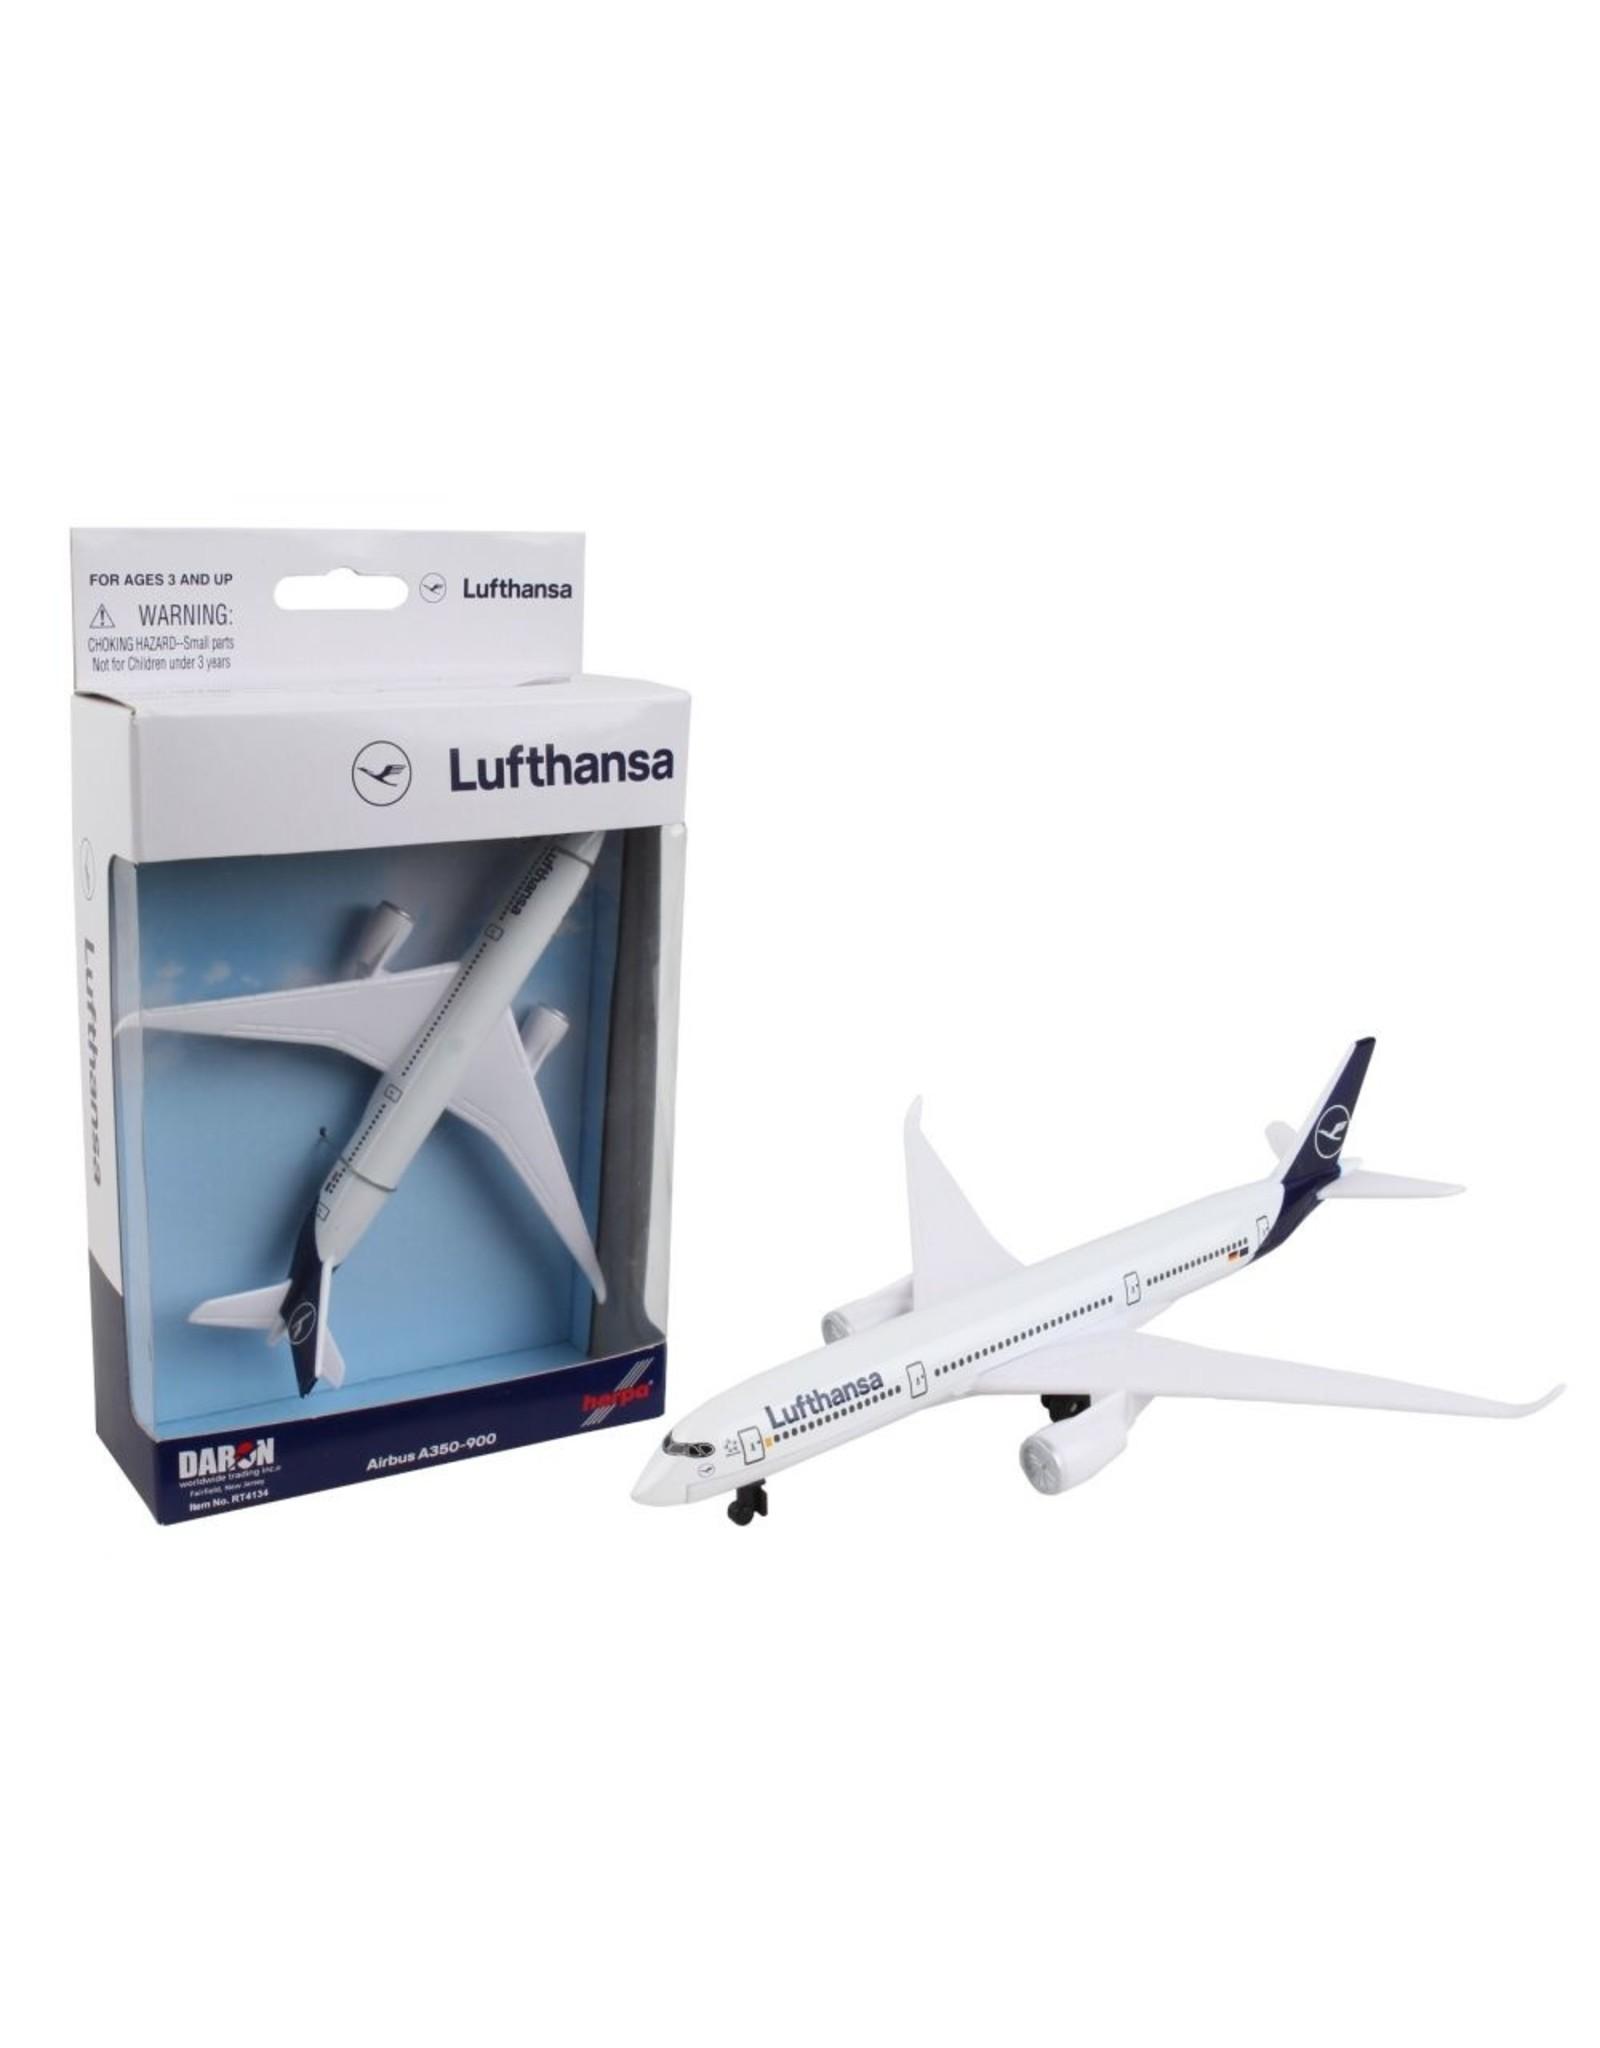 Single Plane Lufthansa A350